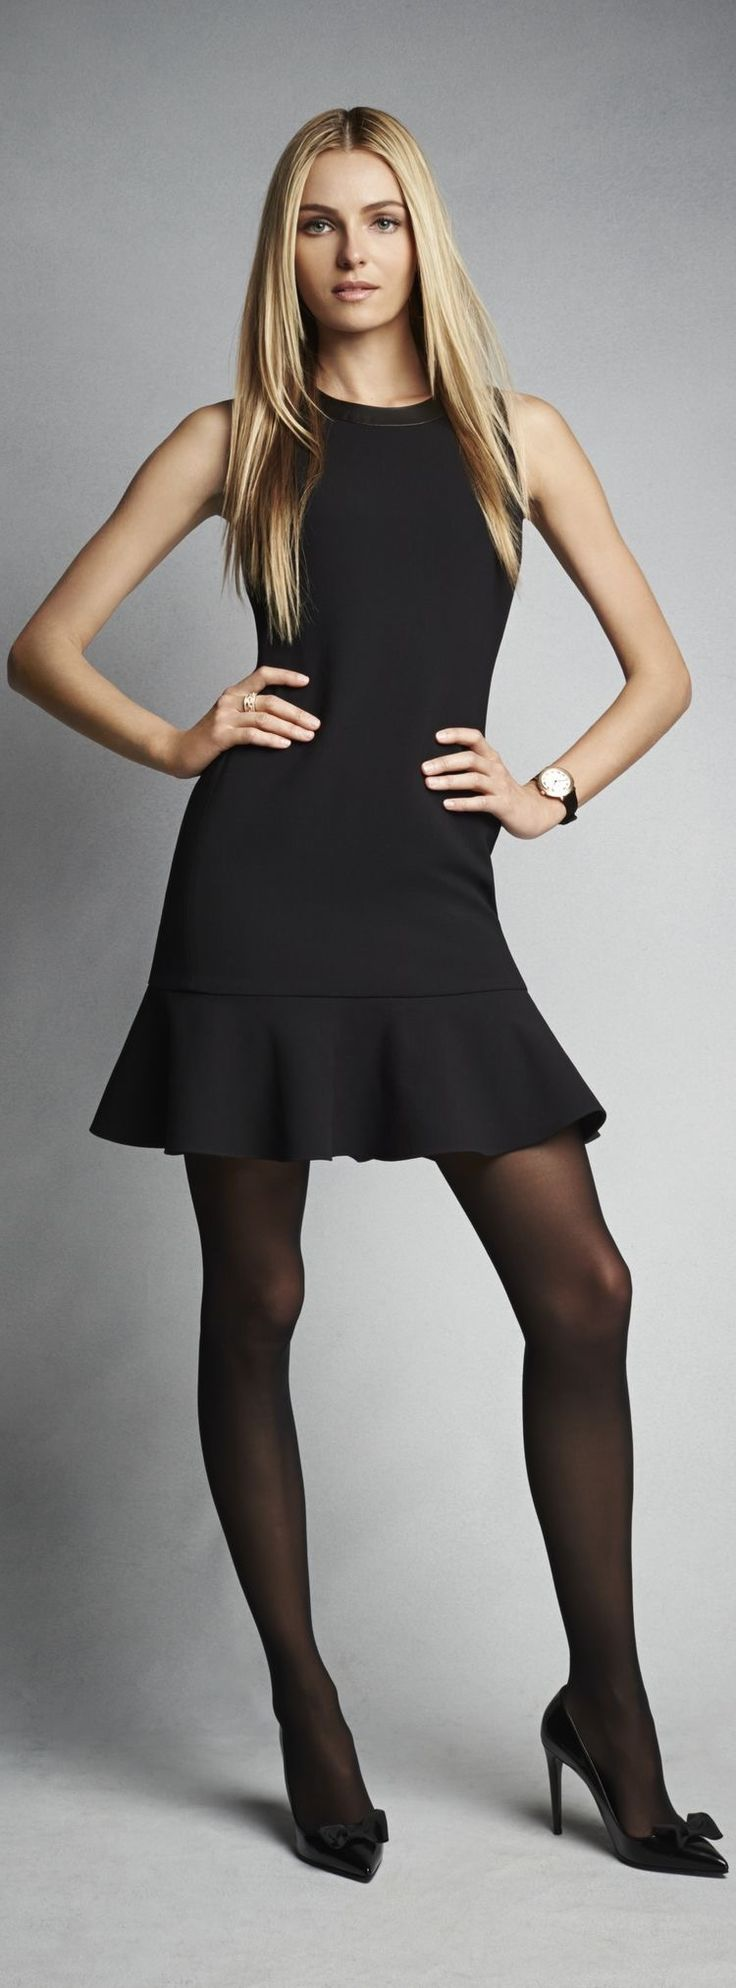 211 besten Clothing-Black-Dresses Bilder auf Pinterest